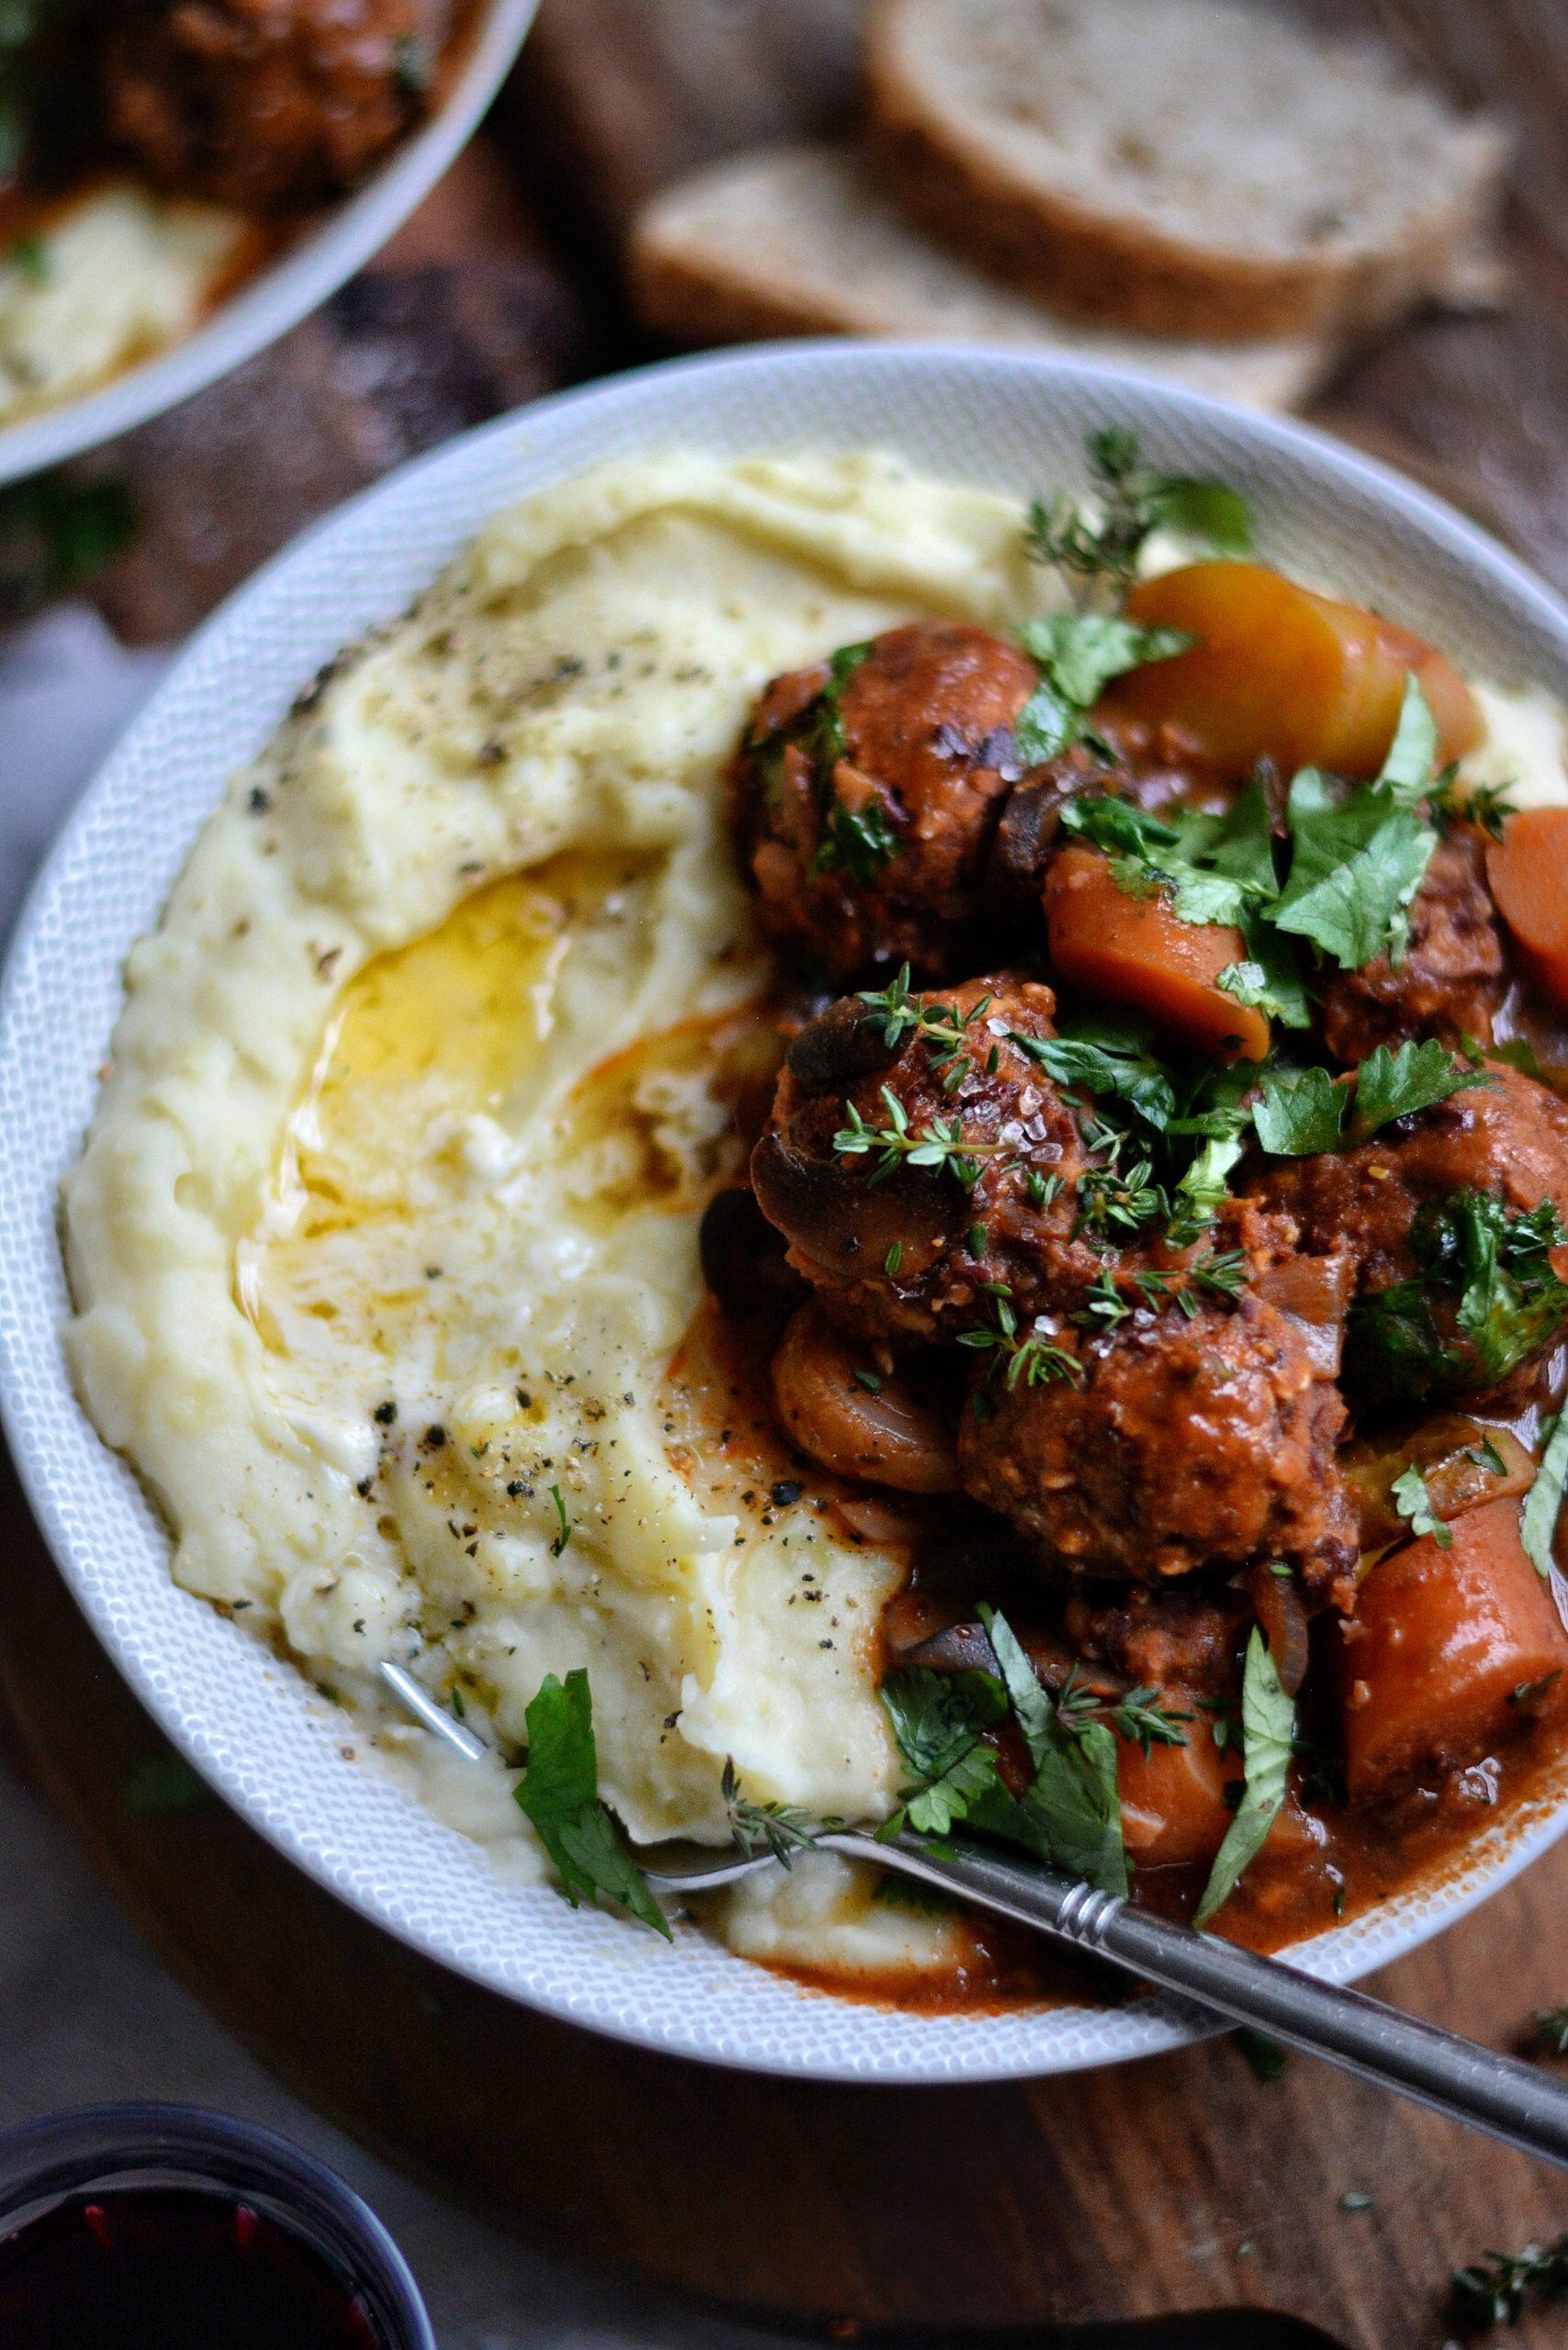 Ragoût Vegan de Légumes au Vin Rouge, Purée et Boulettes Sans Viande / Vegan Vegetables Red Wine Stew, Mashed Potatoes and Meatless Balls